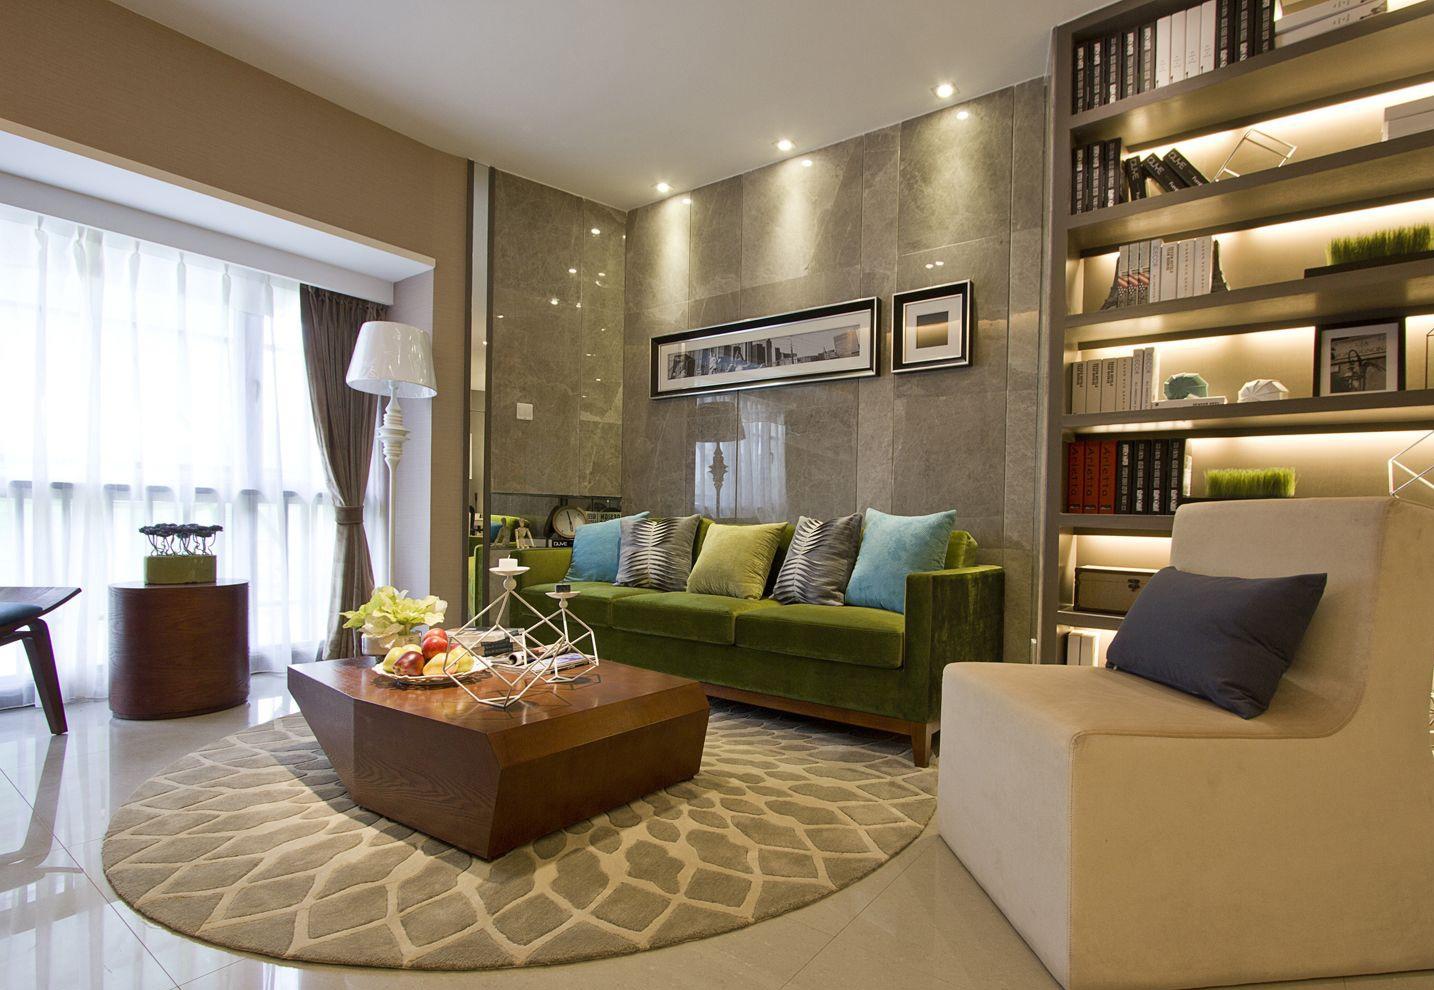 客厅中沙发背景墙的大理石很是明亮时尚,绿色的沙发很是时尚简约。